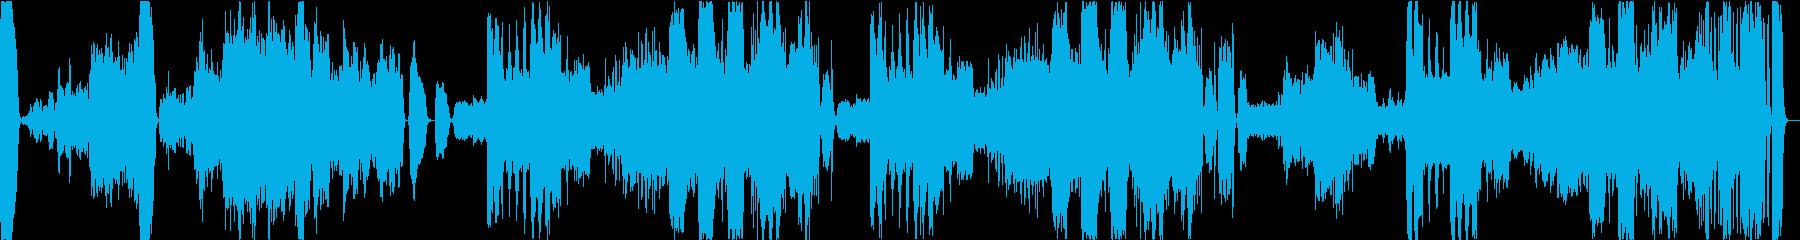 シューベルト交響曲第4番ハ短調「悲観的」の再生済みの波形